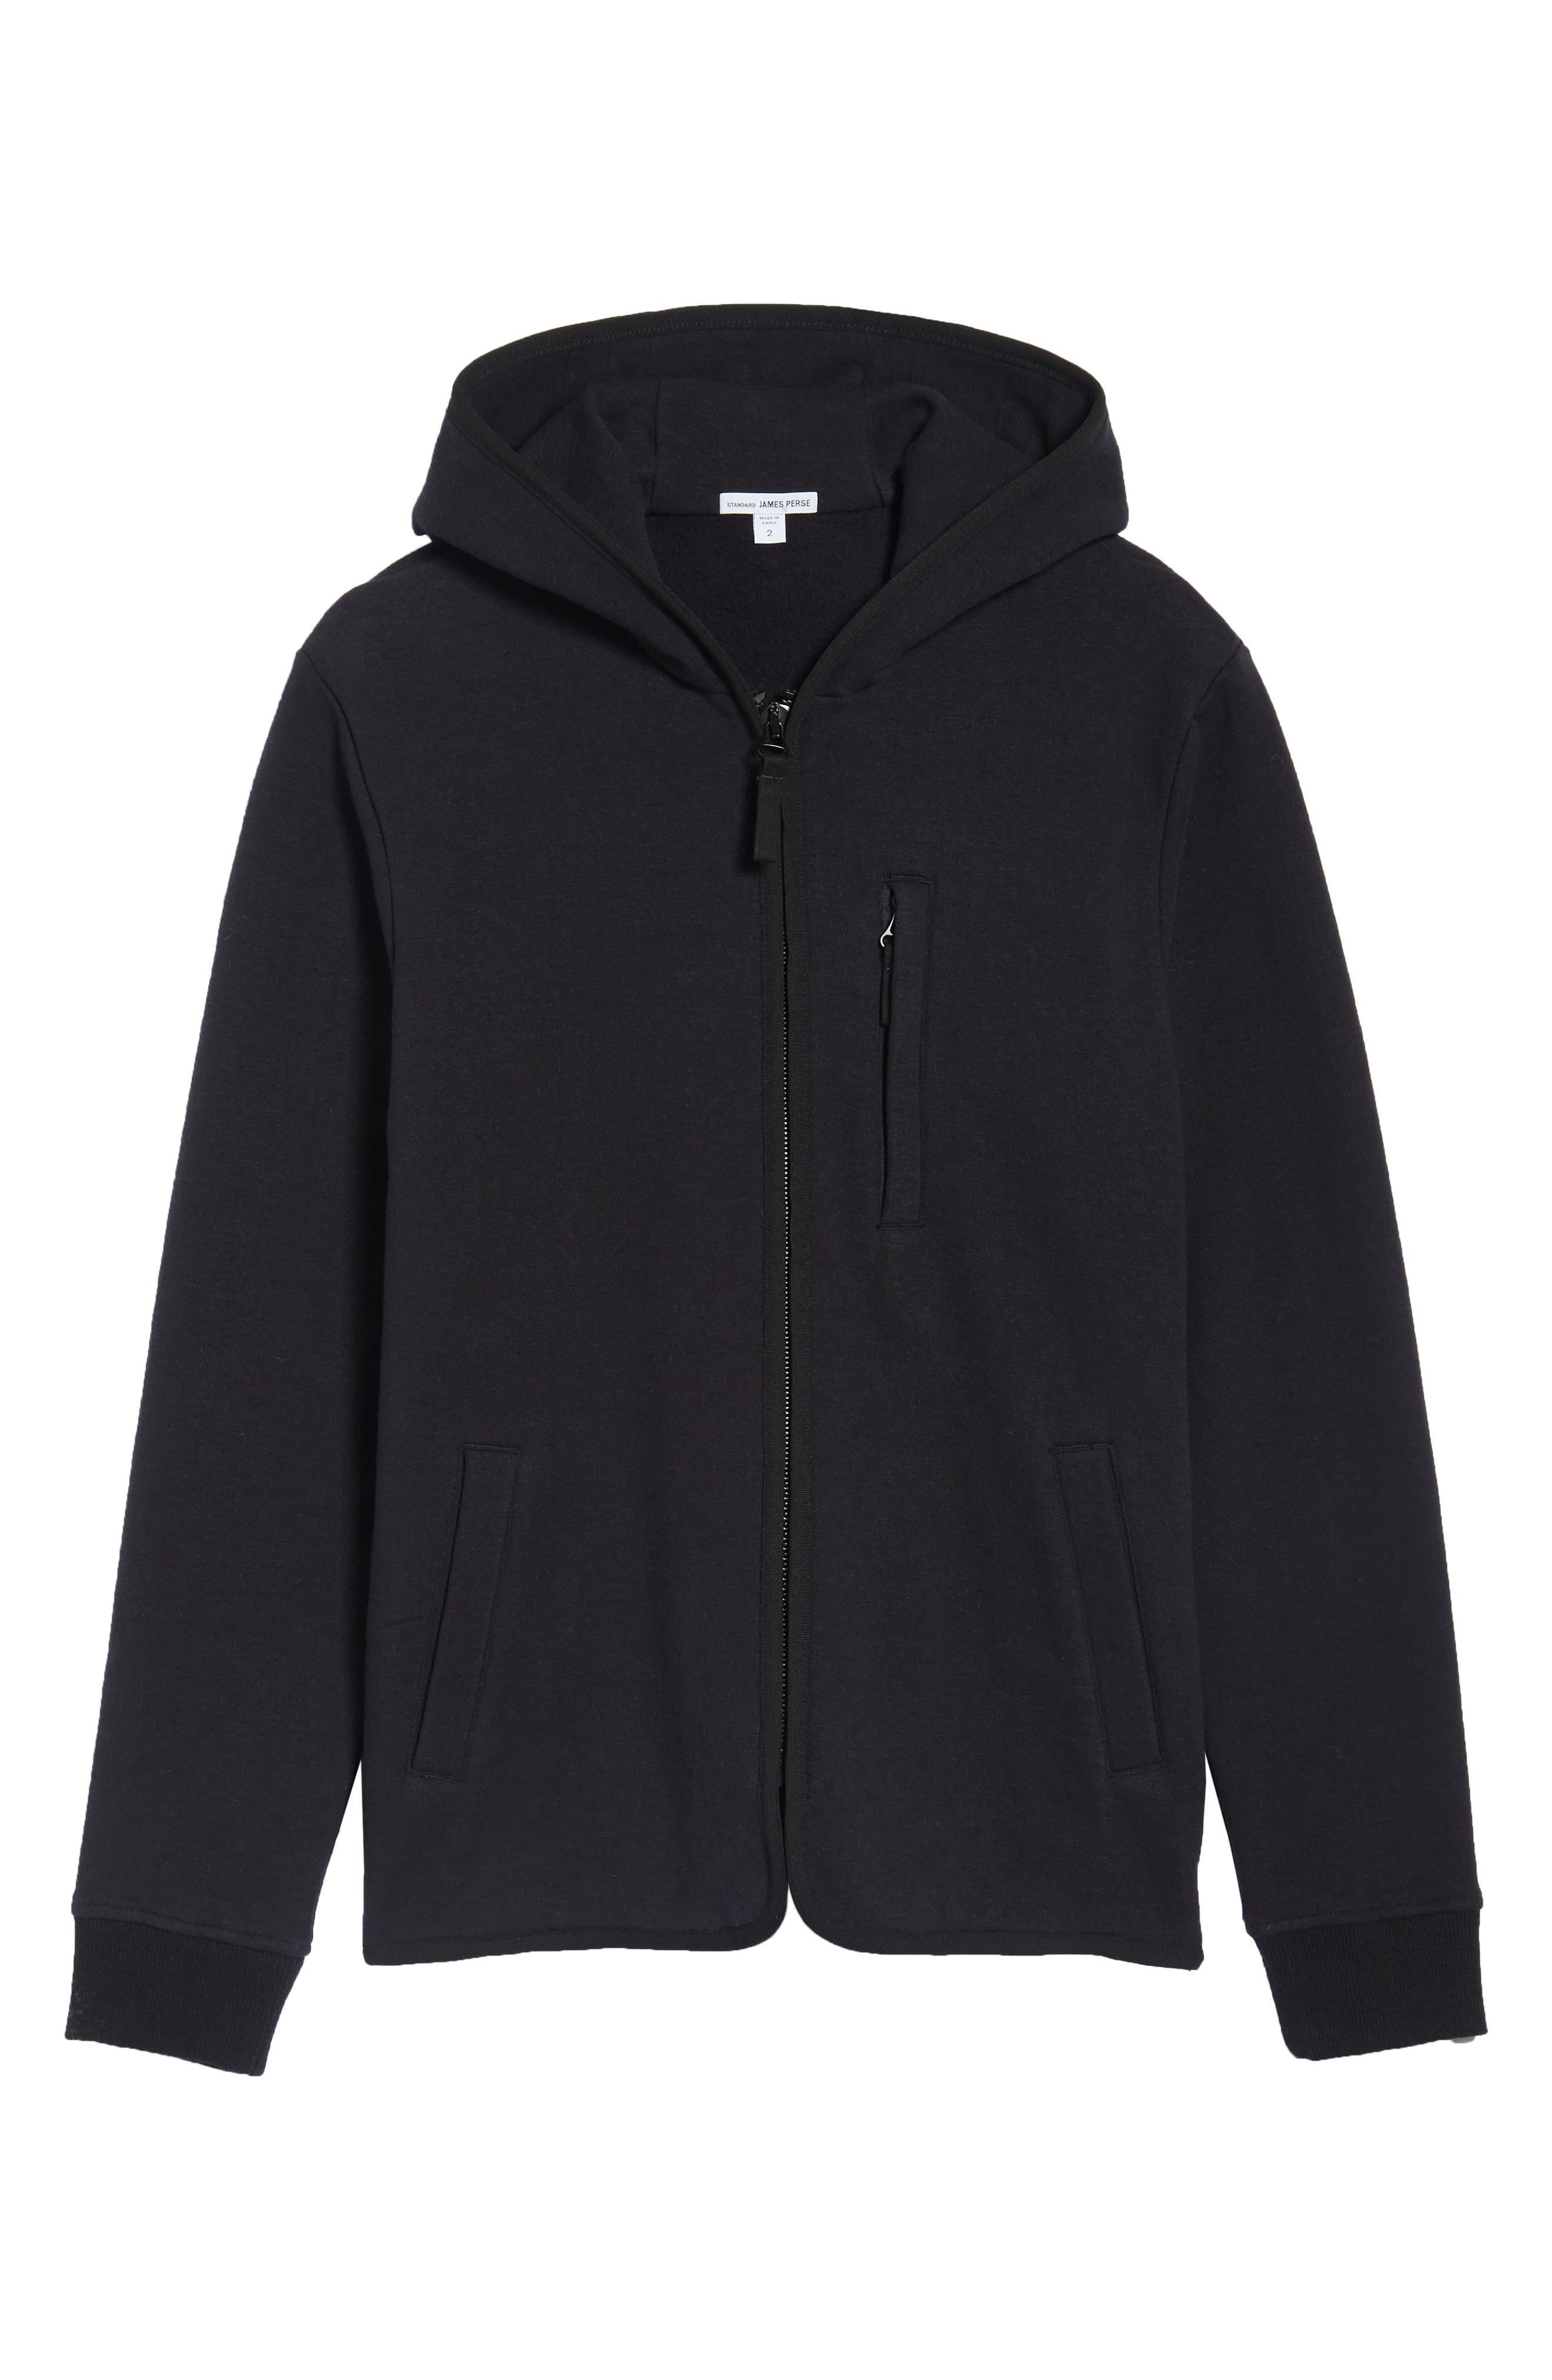 Cotton & Wool Zip Hoodie,                             Alternate thumbnail 6, color,                             Black Black